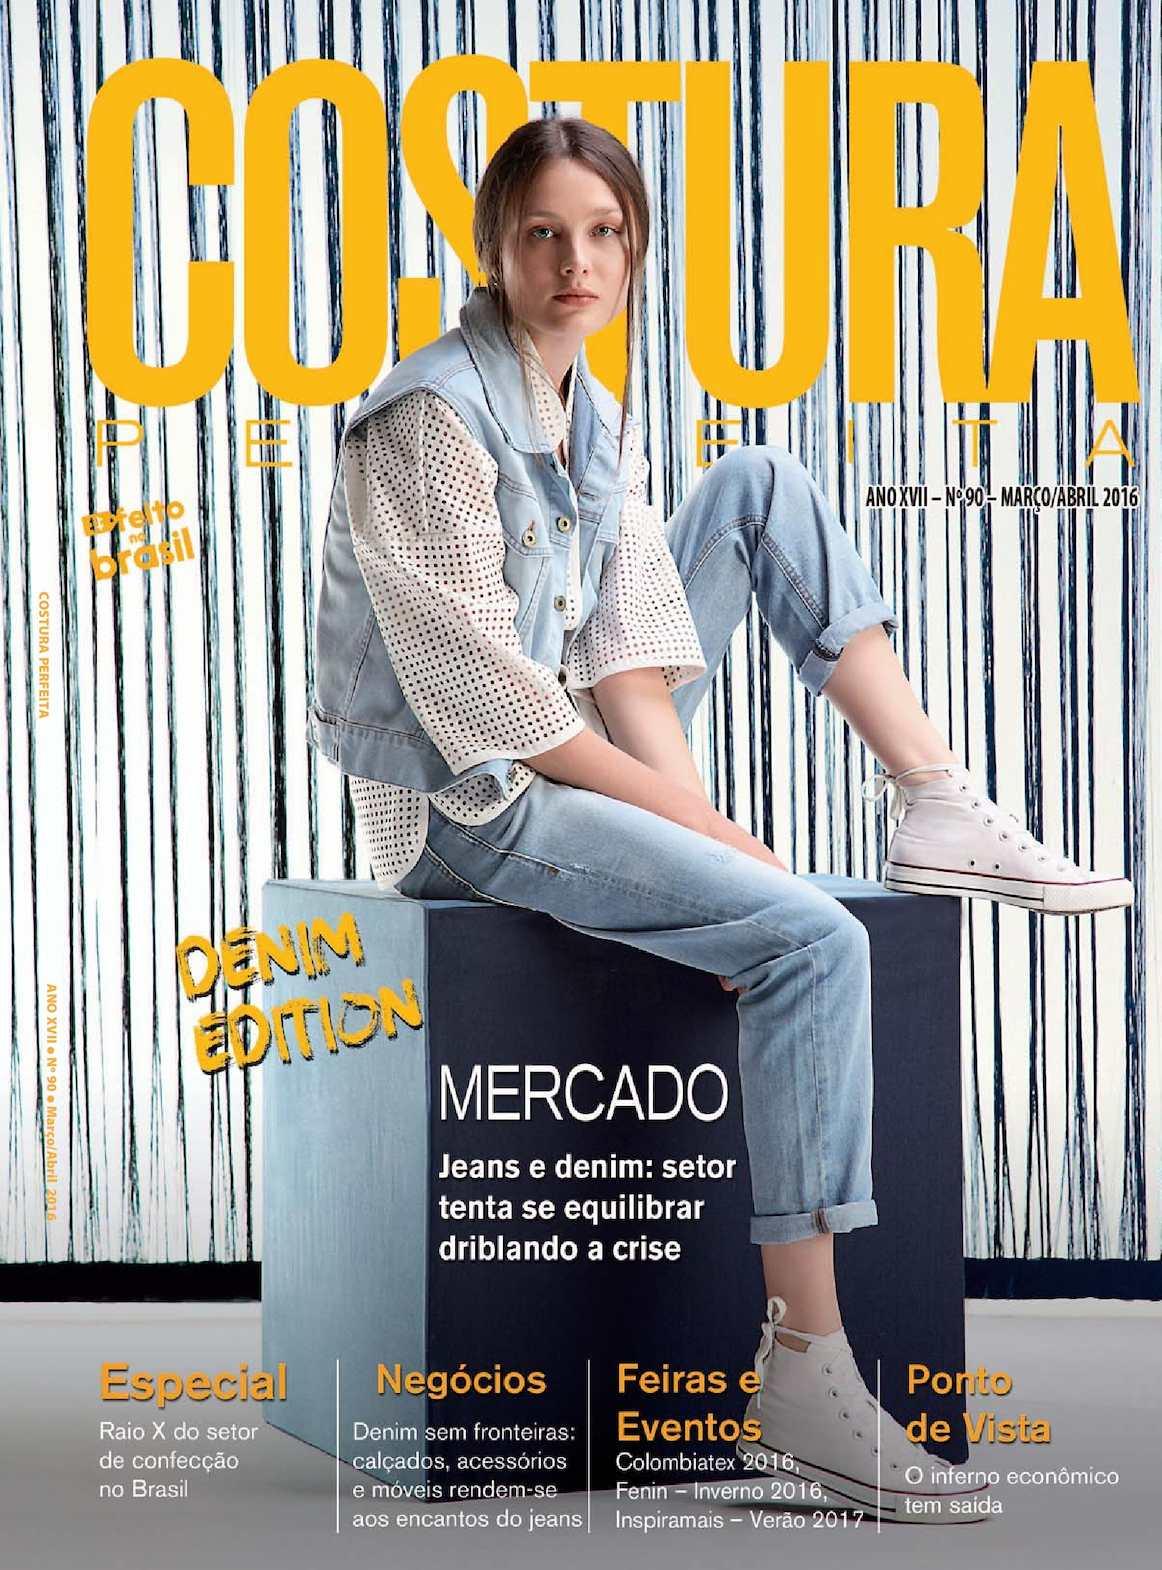 1d0fa30e0b Calaméo - Revista Costura Perfeita Edição Ano XVII - N90 - Março-Abril 2016